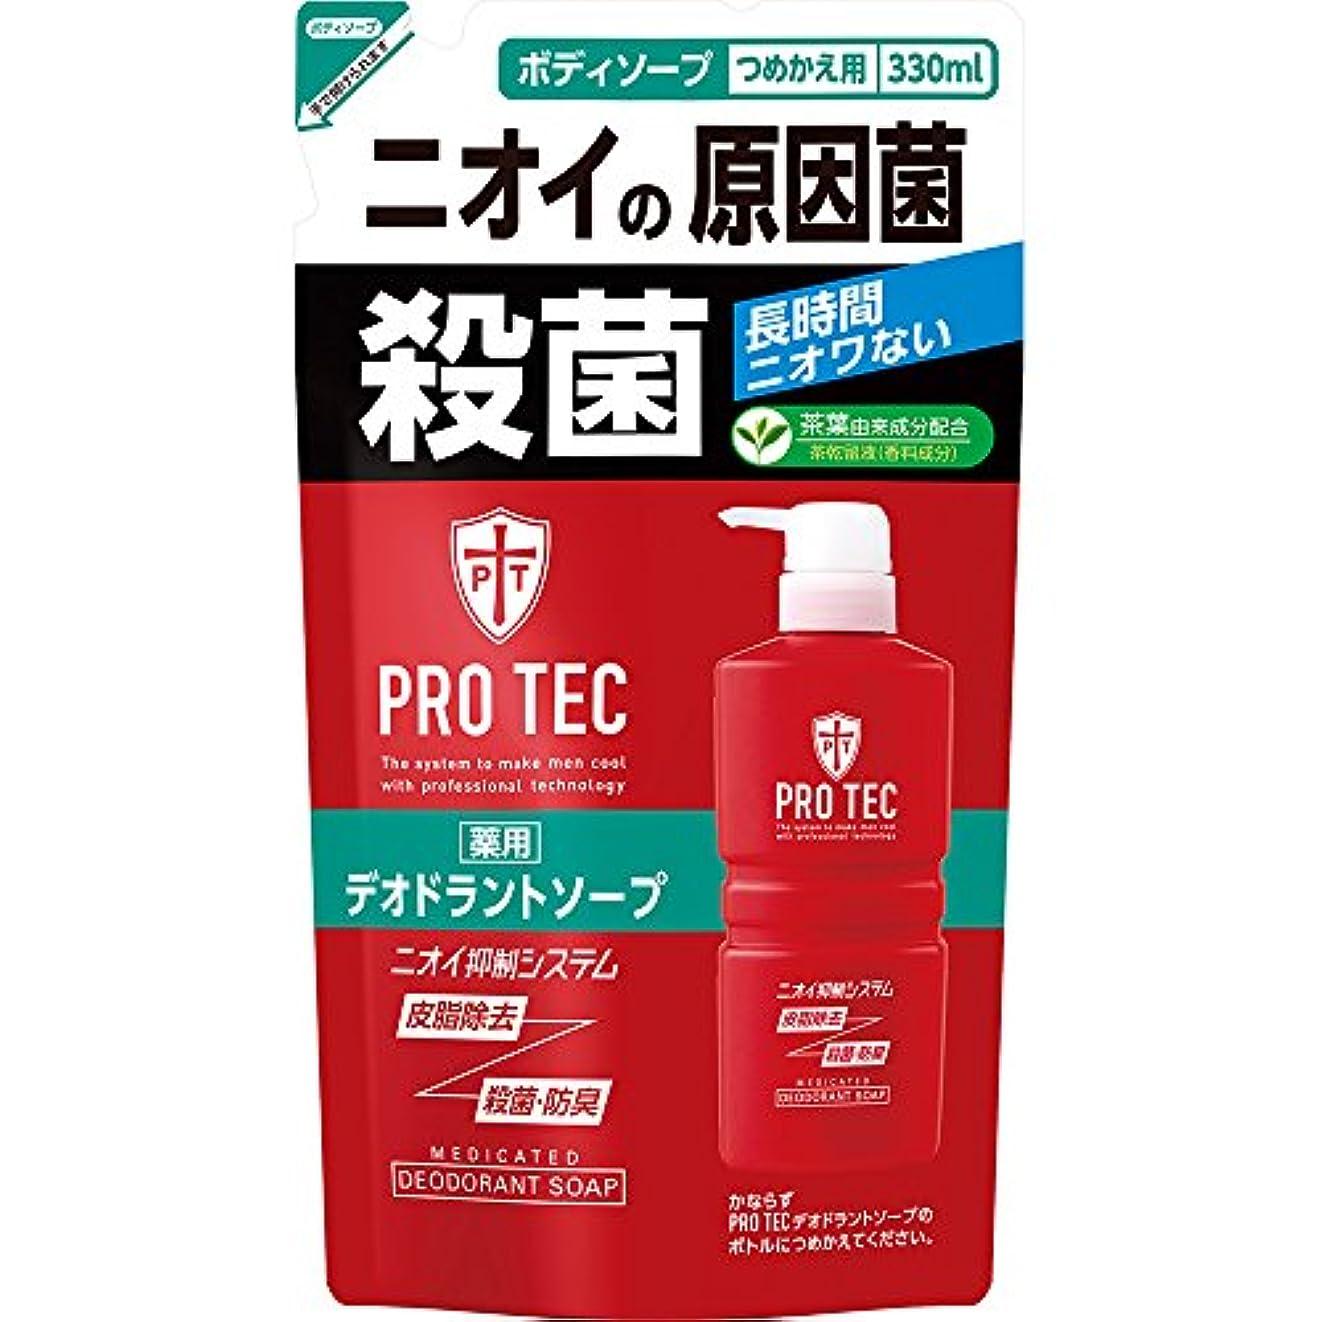 まどろみのある香港施設PRO TEC(プロテク) デオドラントソープ 詰め替え 330ml(医薬部外品)